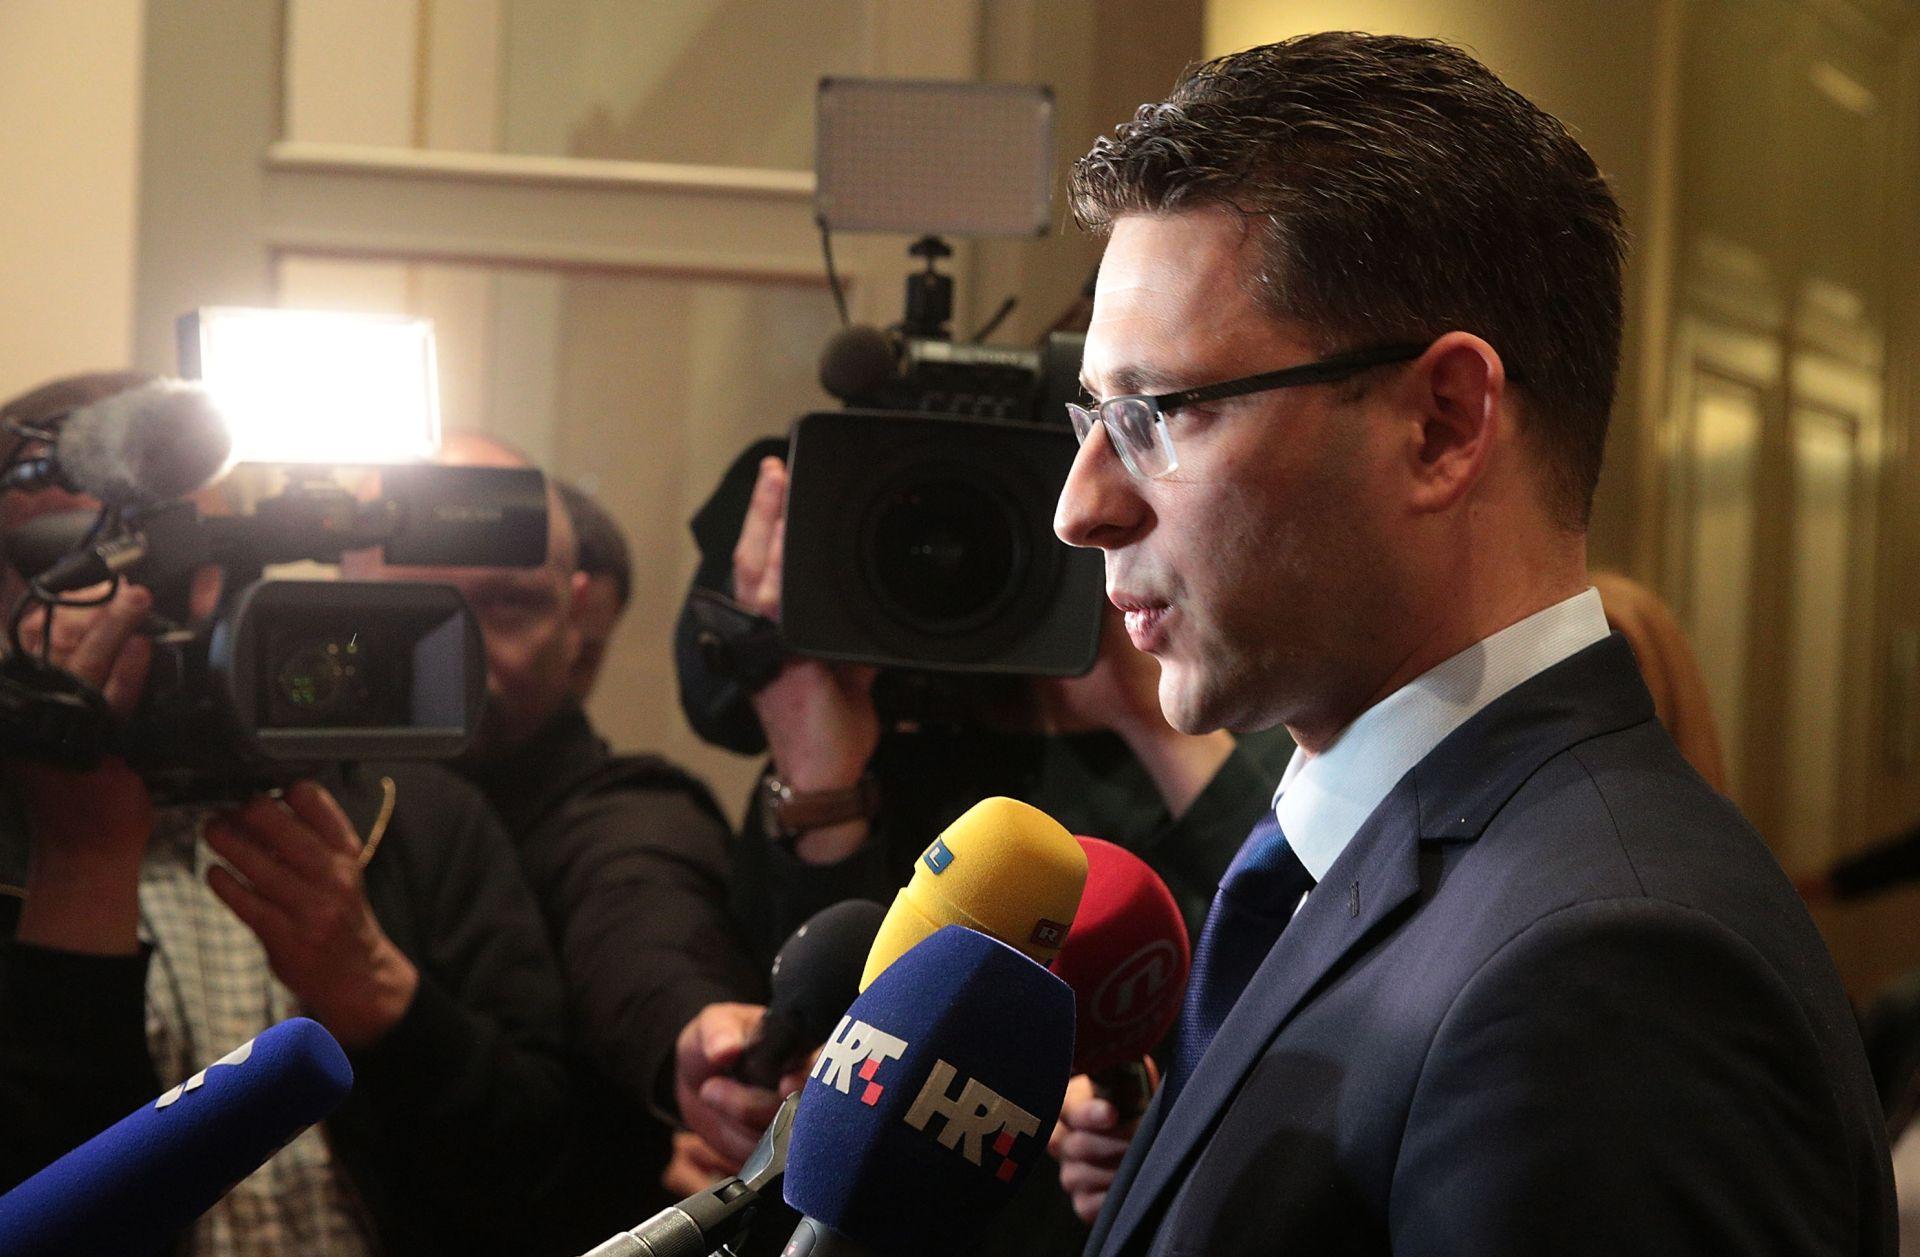 Božo Petrov: Sramotne su Mikulićeve optužbe na račun Mire Bulja